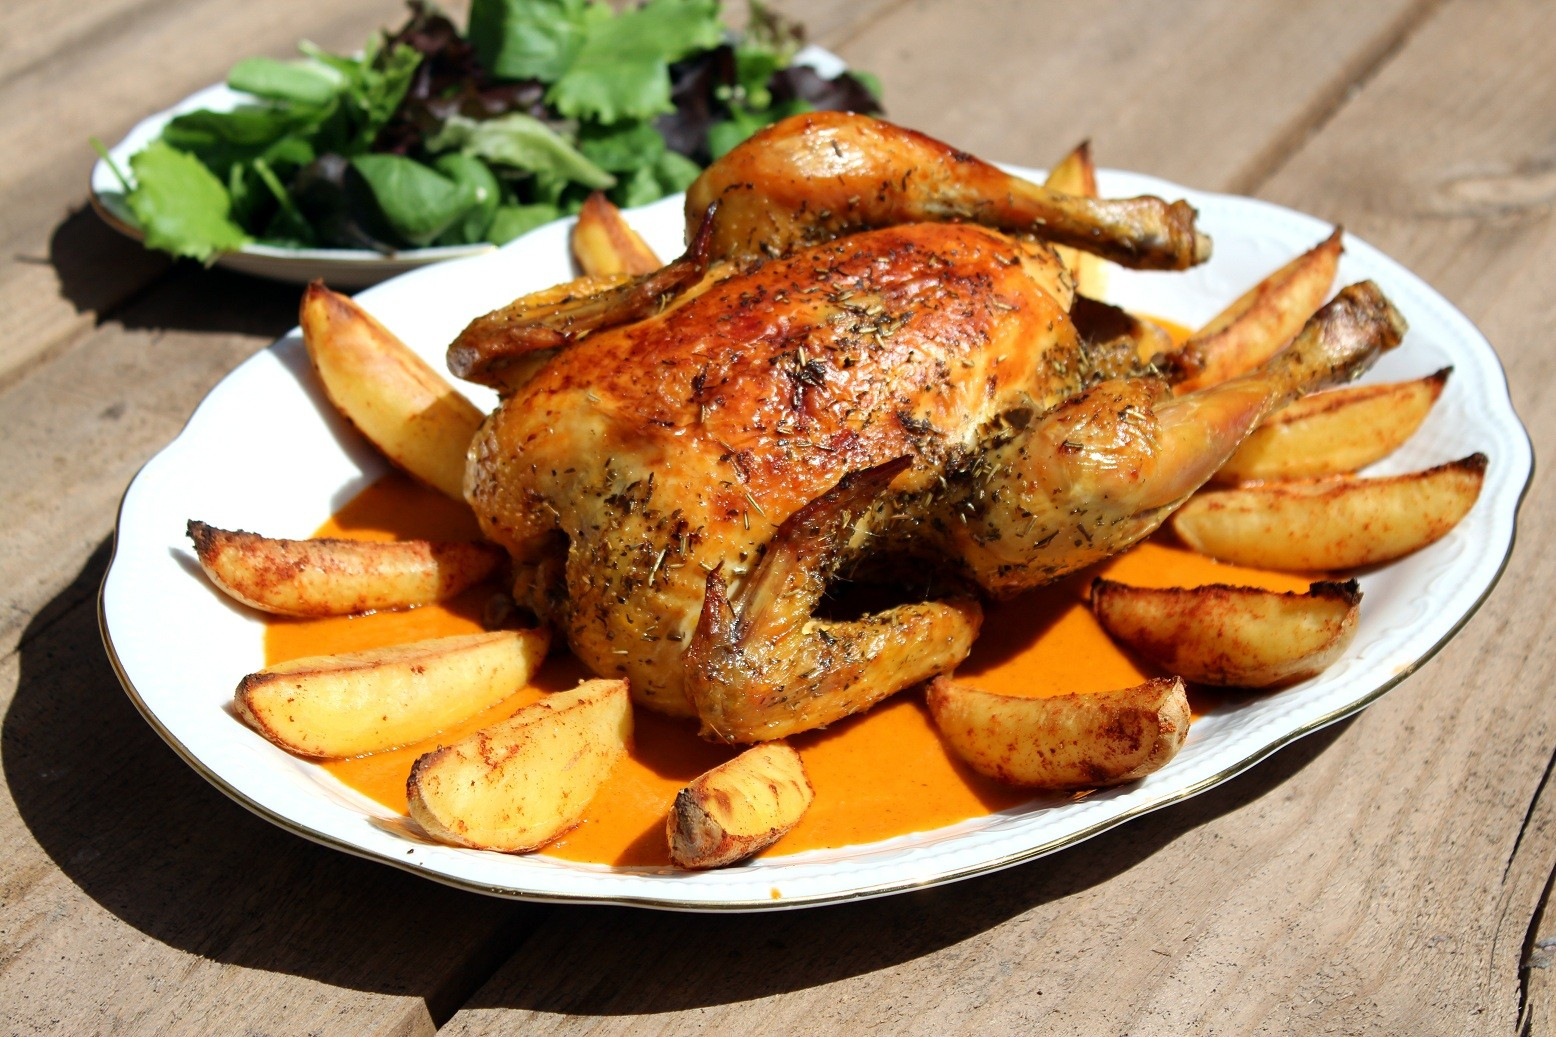 Pollo Asado Con Patatas Estilo Karlos Arguiñano Recetas Pollo Al Horno